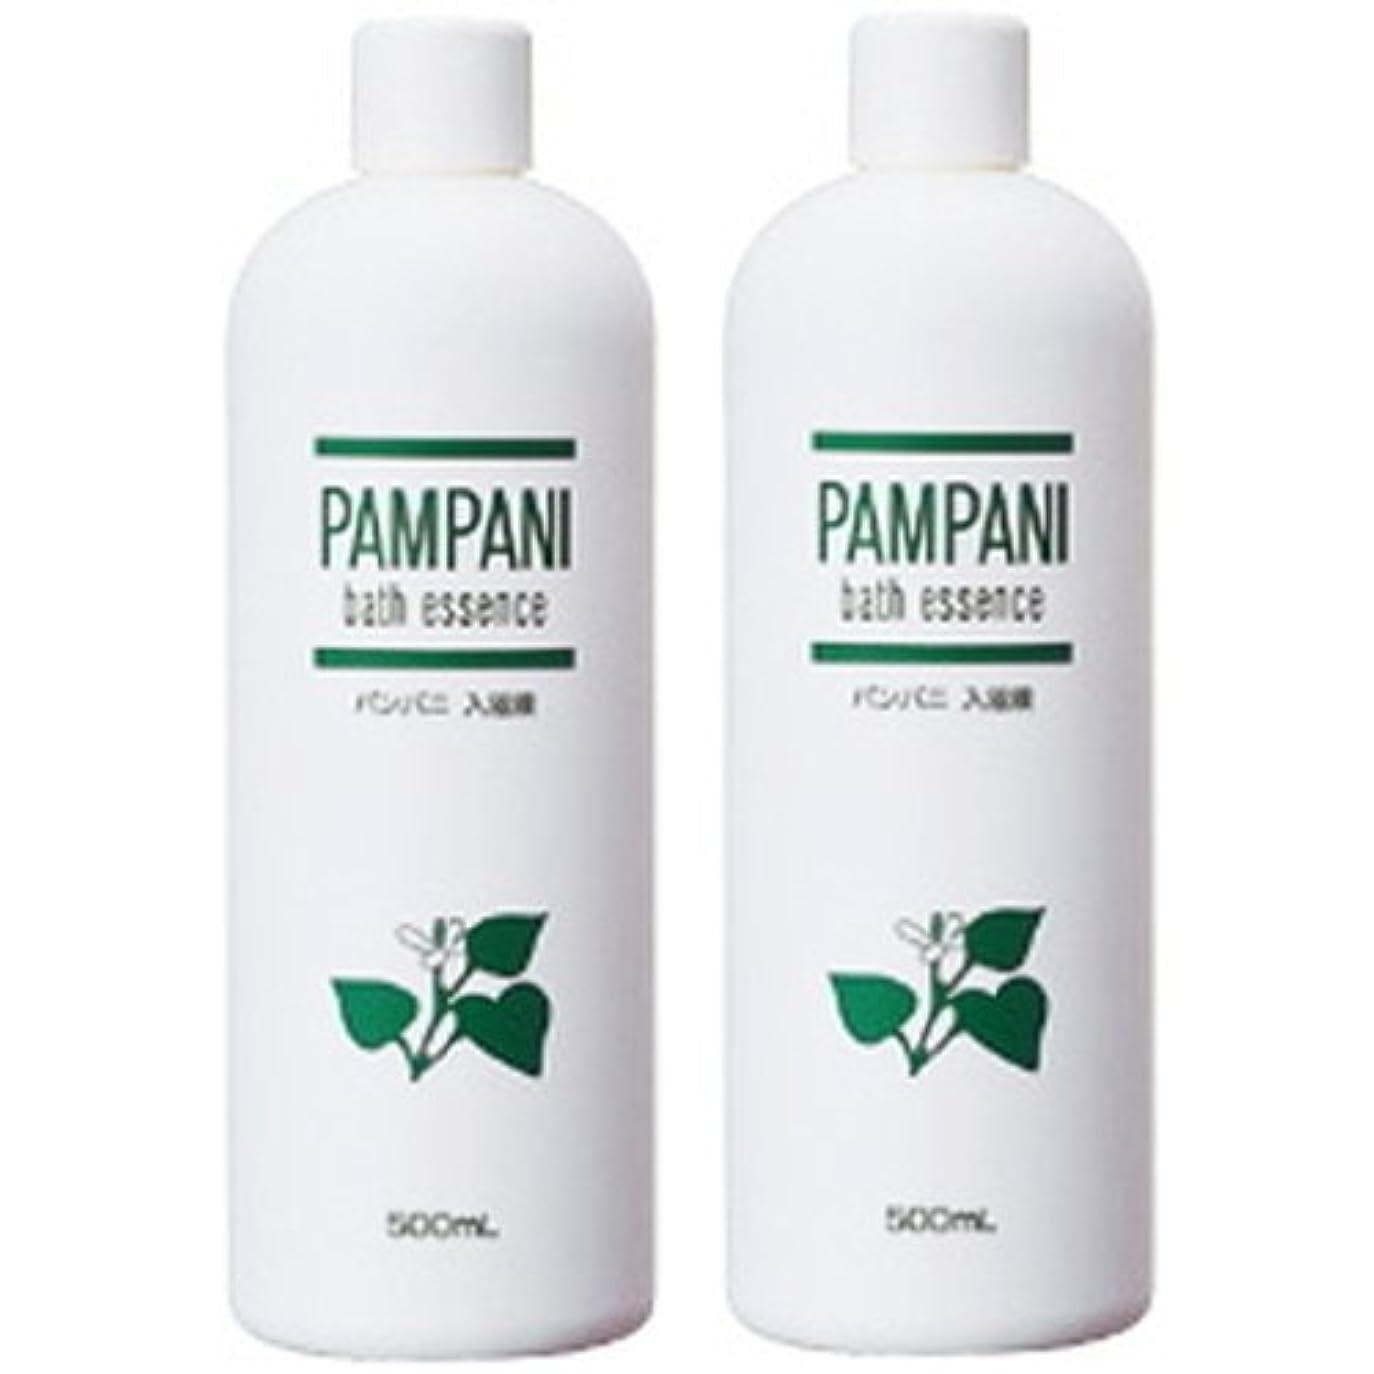 ストレスシットコム二年生パンパニ(PAMPANI) 入浴液 (希釈タイプ) 500ml×2本組